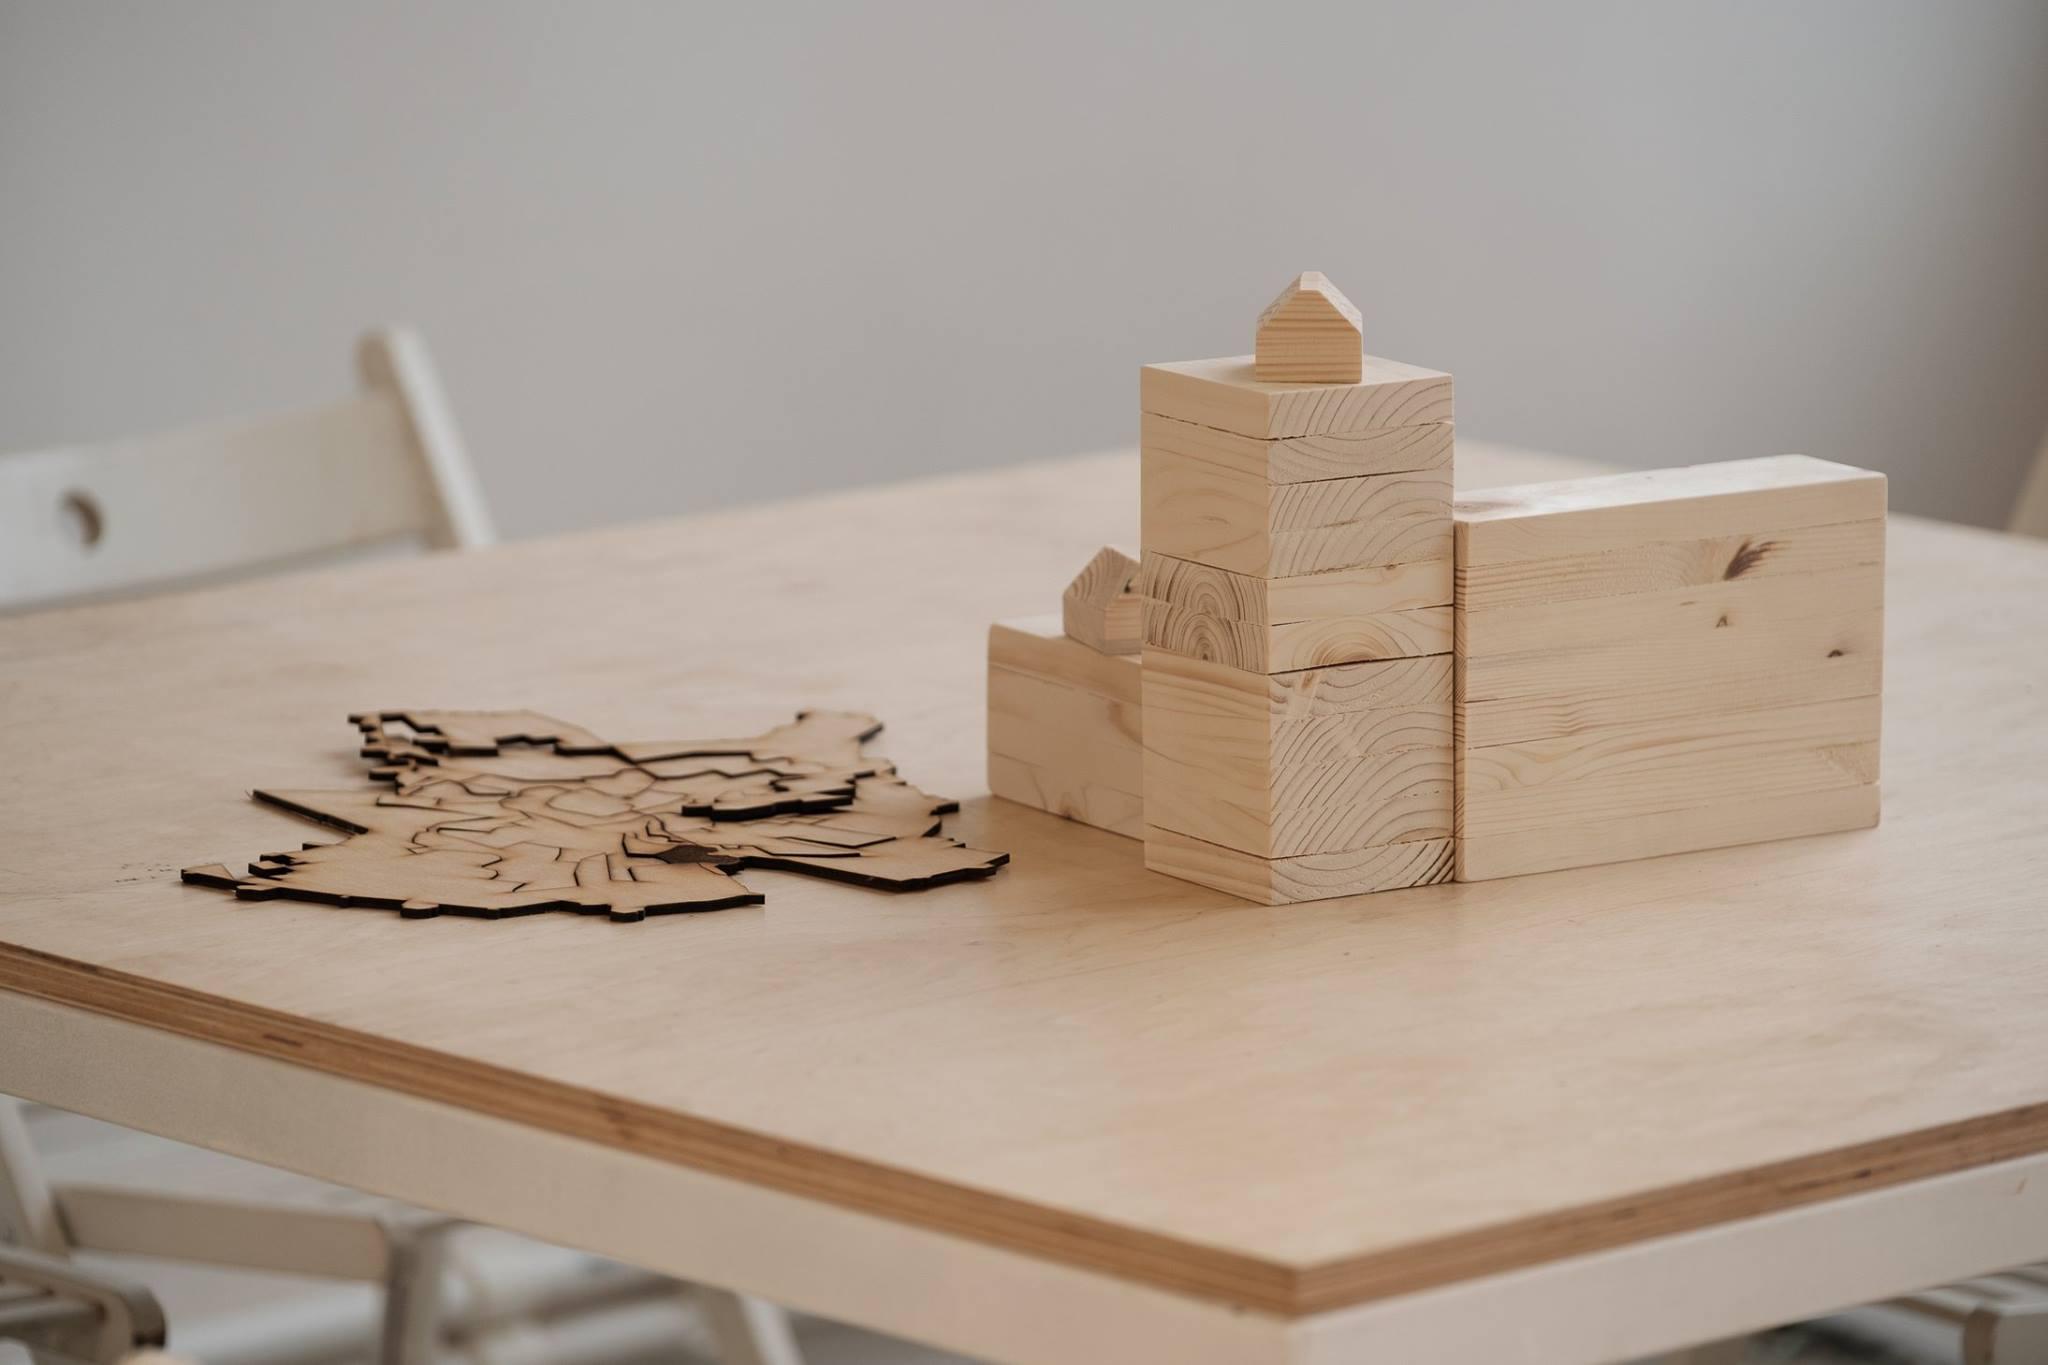 Descriere foto: machetele si elementele din lemn asezate pe masa, la inceputul atelierului.